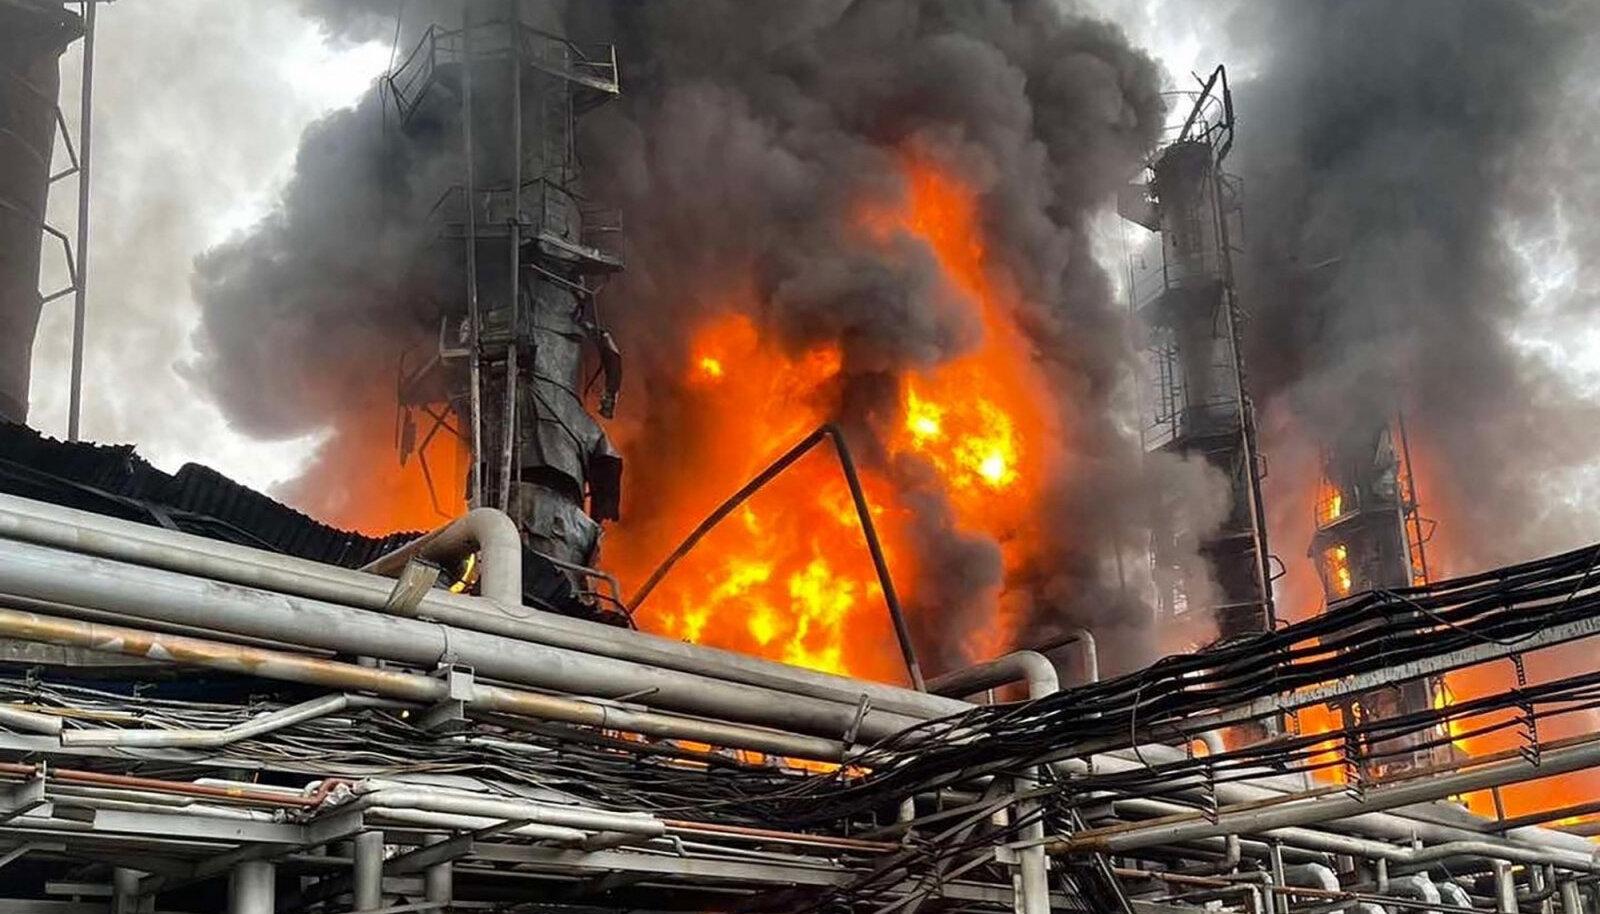 Gazprom toob kõrge hinna põhjenduseks mh plahvatuse Urengoi kondensatsioonijaamas